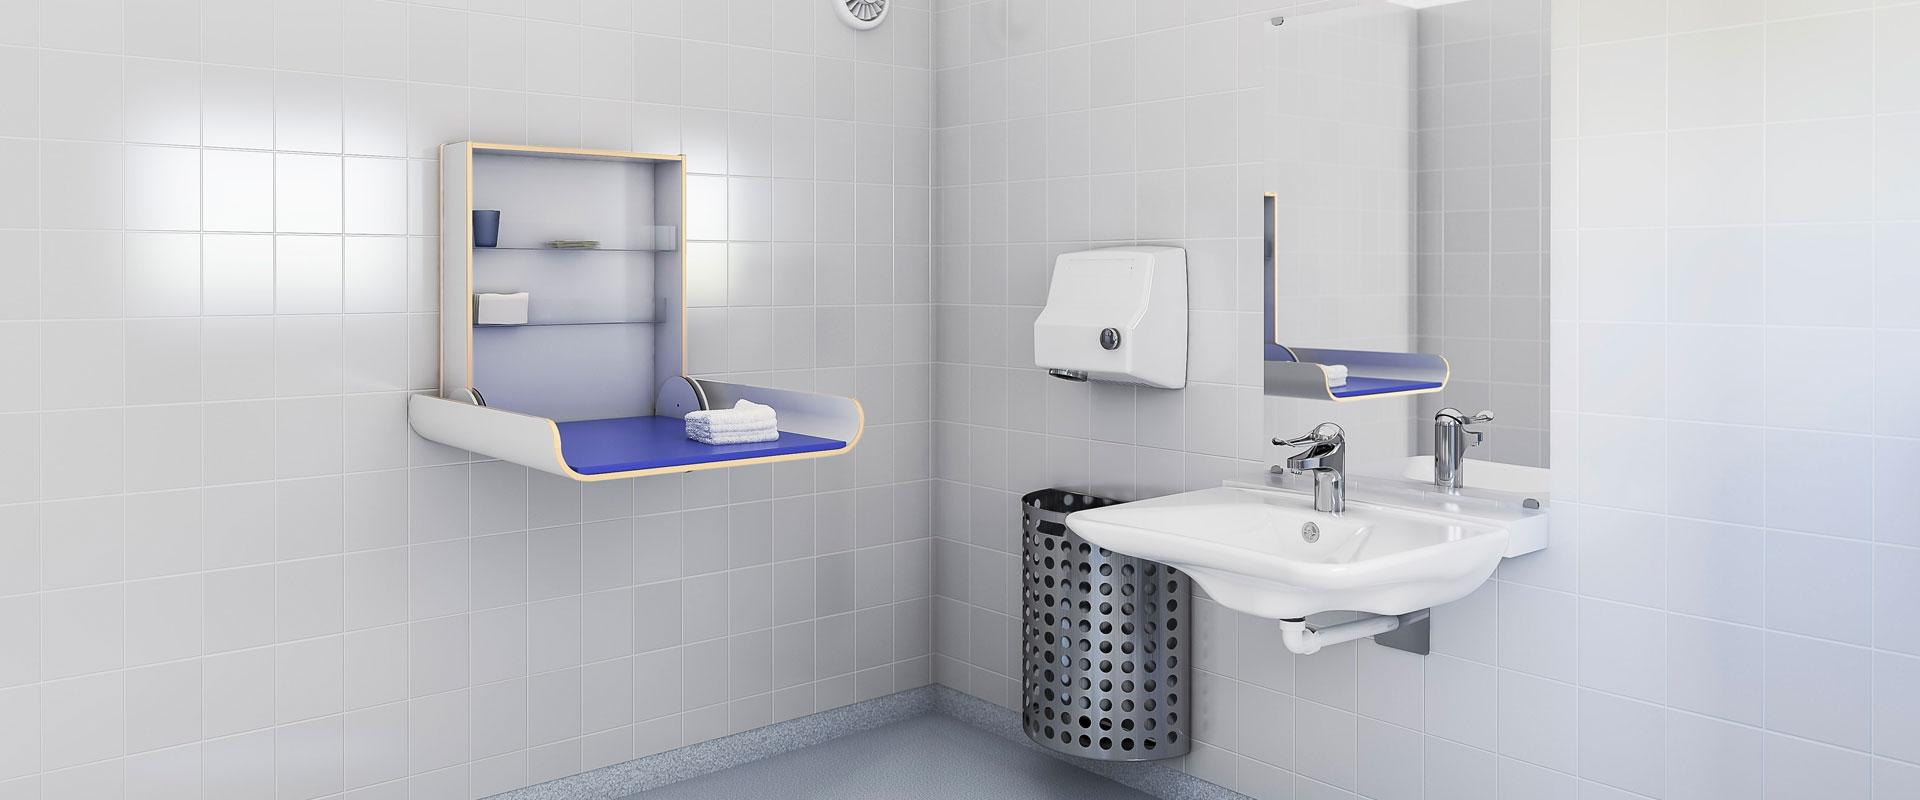 wickeltisch 337 h henverstellbare wickeltische wickel u pflegetische granberg. Black Bedroom Furniture Sets. Home Design Ideas